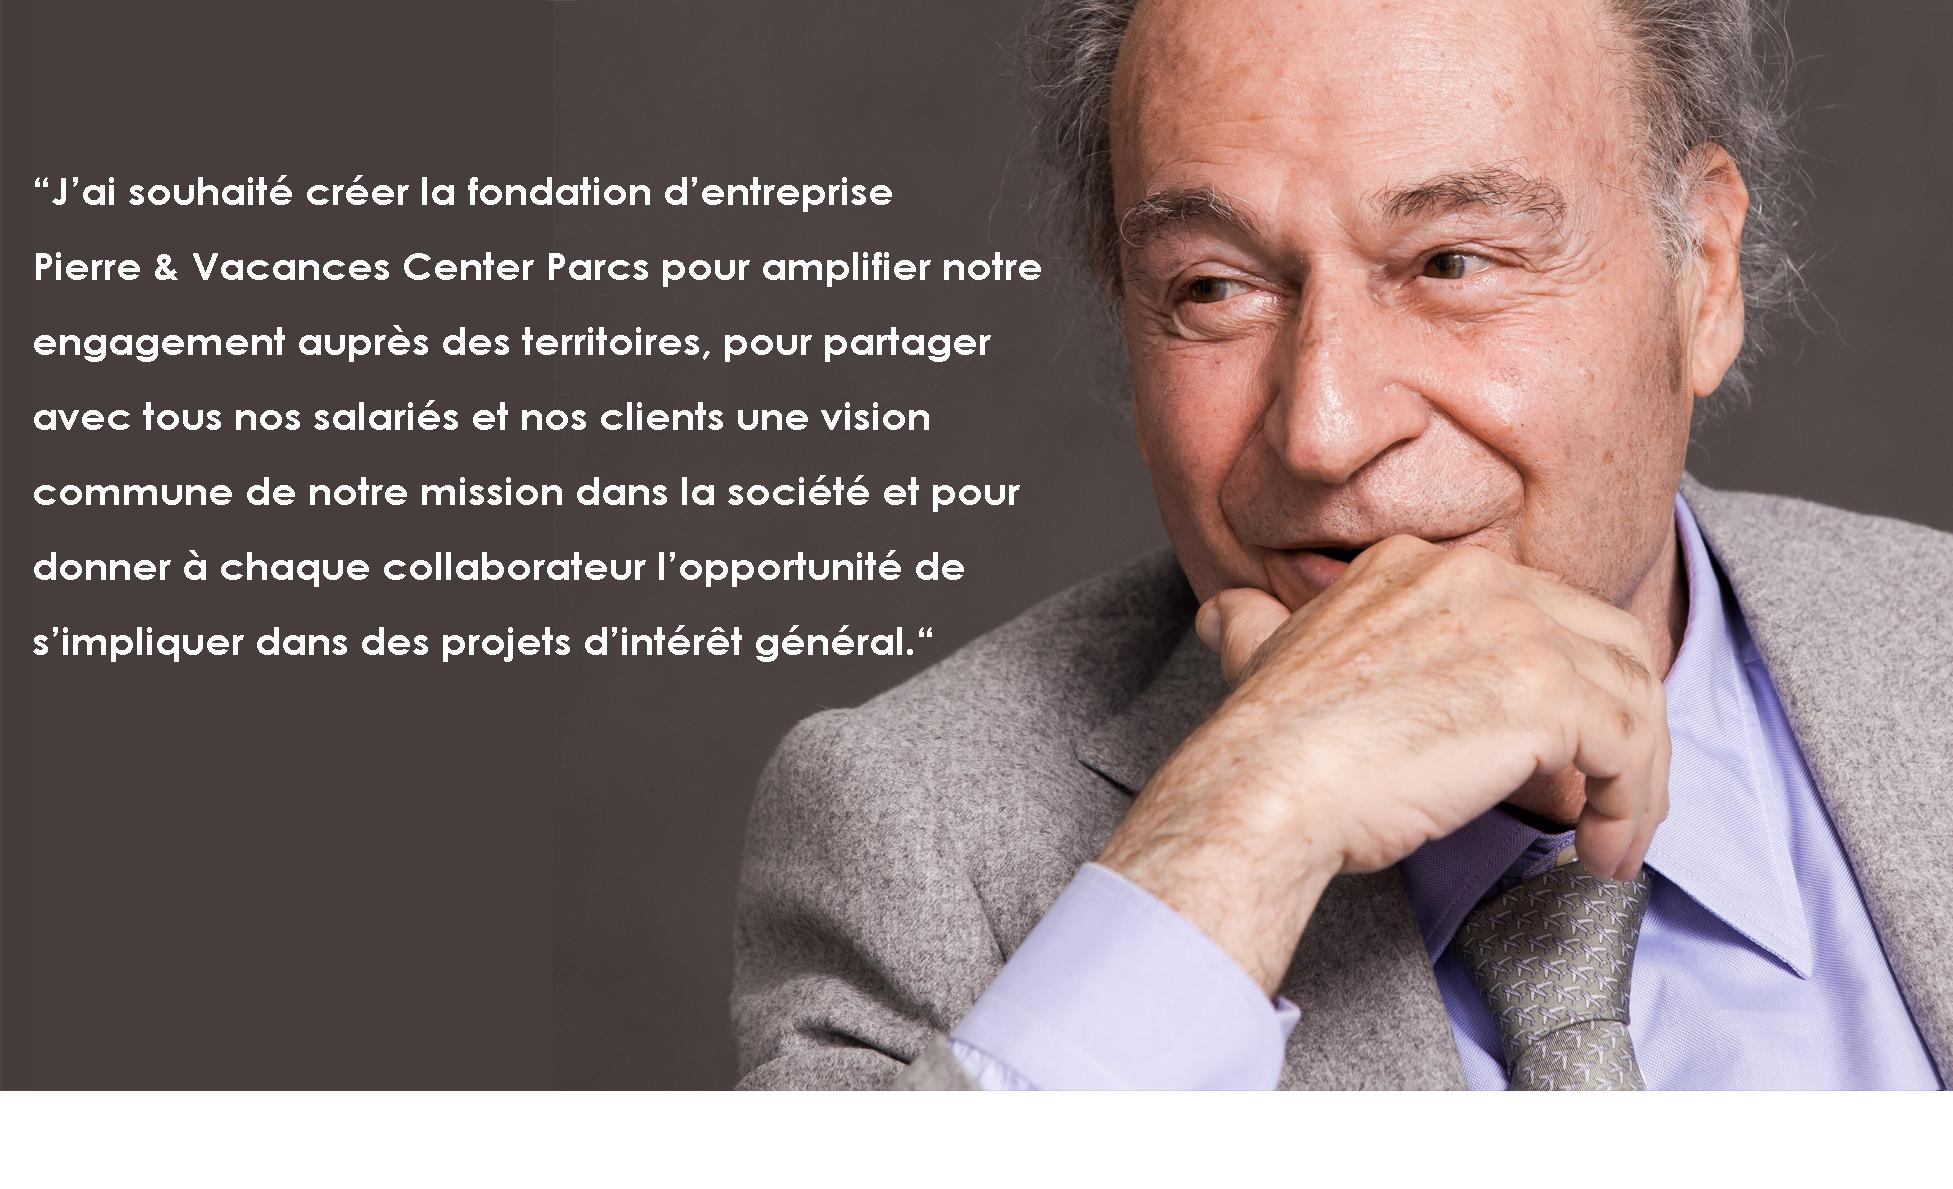 Gérard Brémond, PDG du Groupe PVCP, Président de la Fondation Pierre & Vacances-Center Parcs